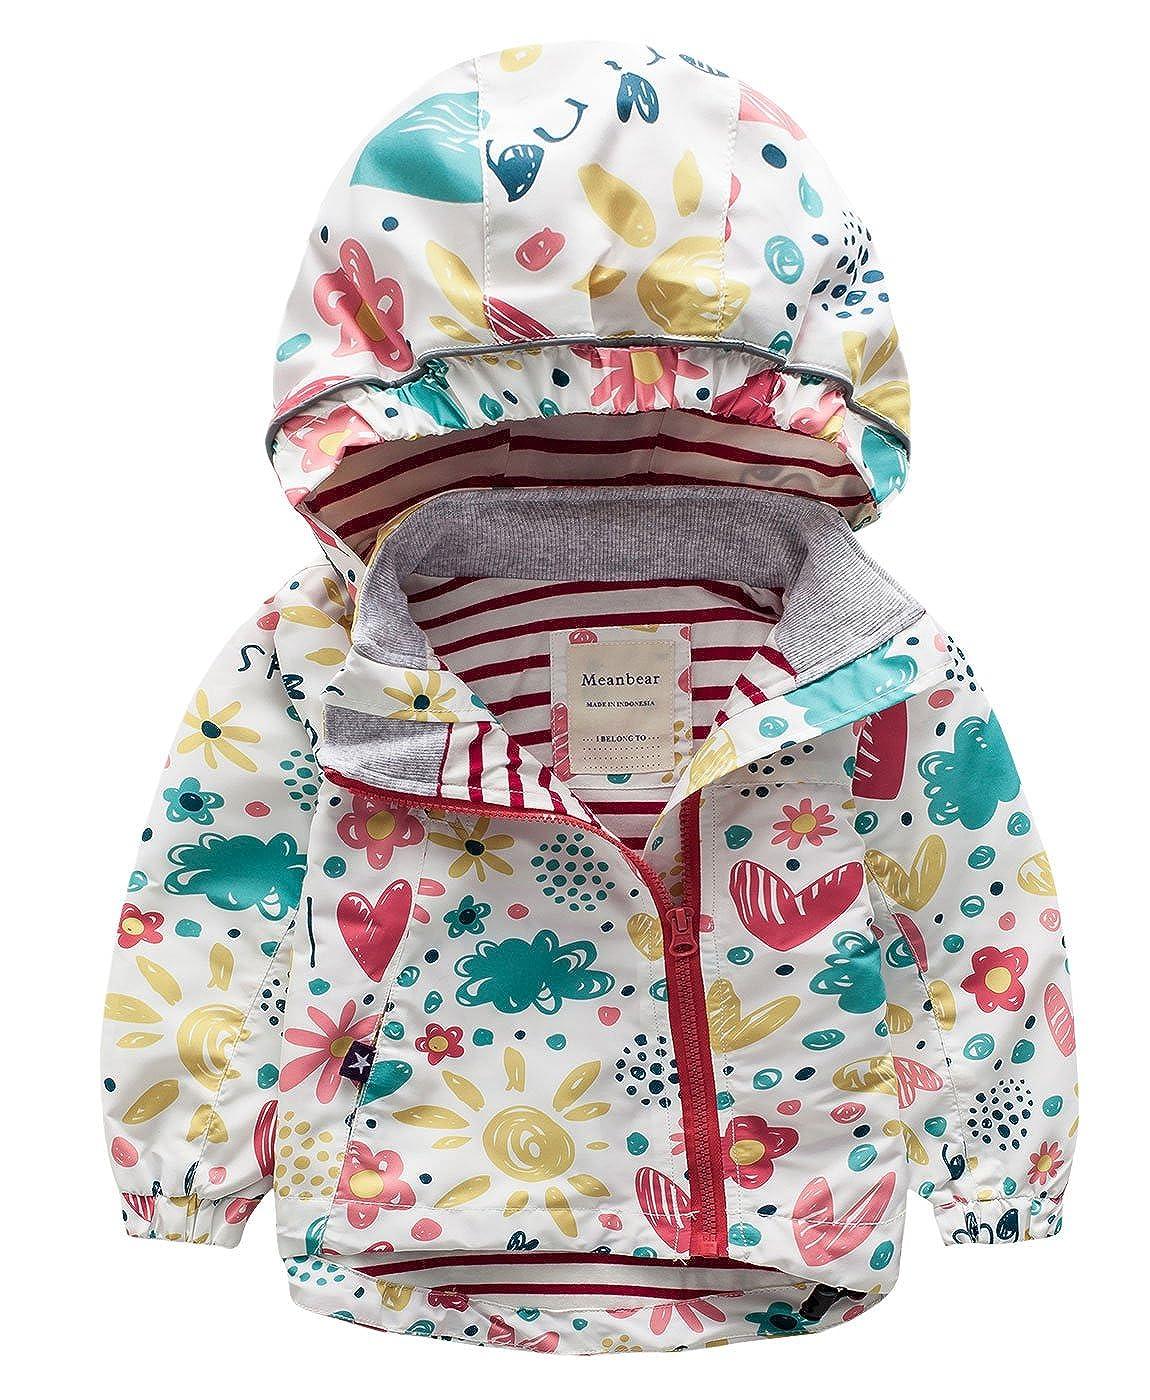 Meanbear - Chaqueta Outdoor con Capucha Sombrero para Niños Resistente a Agua Lindo Estampado Floral Abrigo Invierno Otoño: Amazon.es: Ropa y accesorios